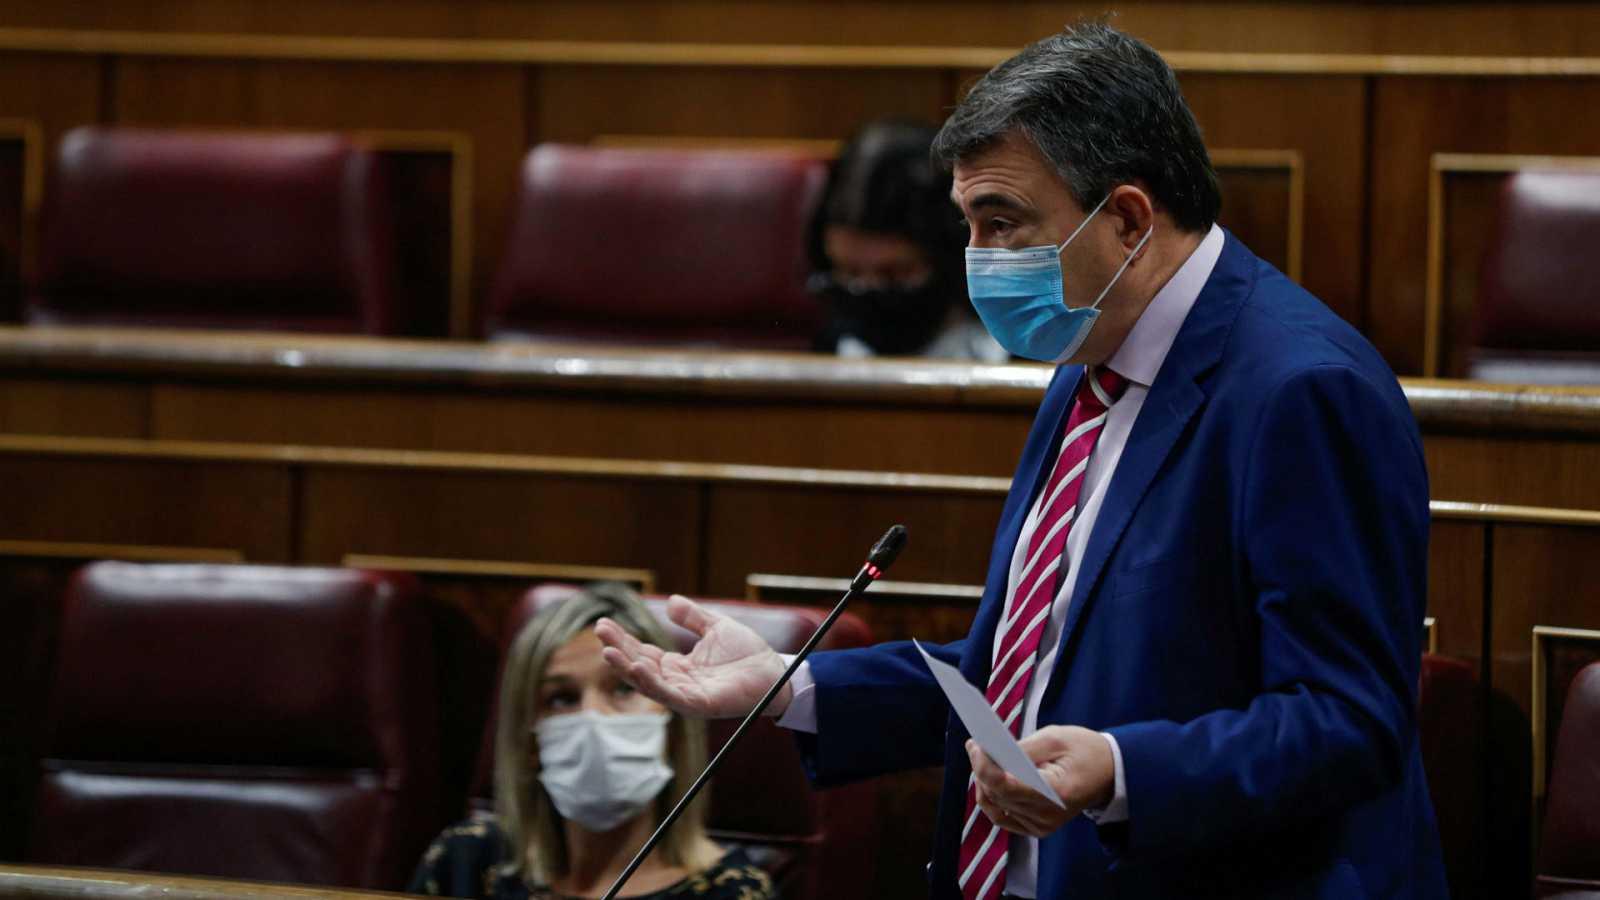 Boletines RNE - El PNV votará a favor de los Presupuestos 2021 tras llegar a un acuerdo con el Gobierno - Escuchar ahora